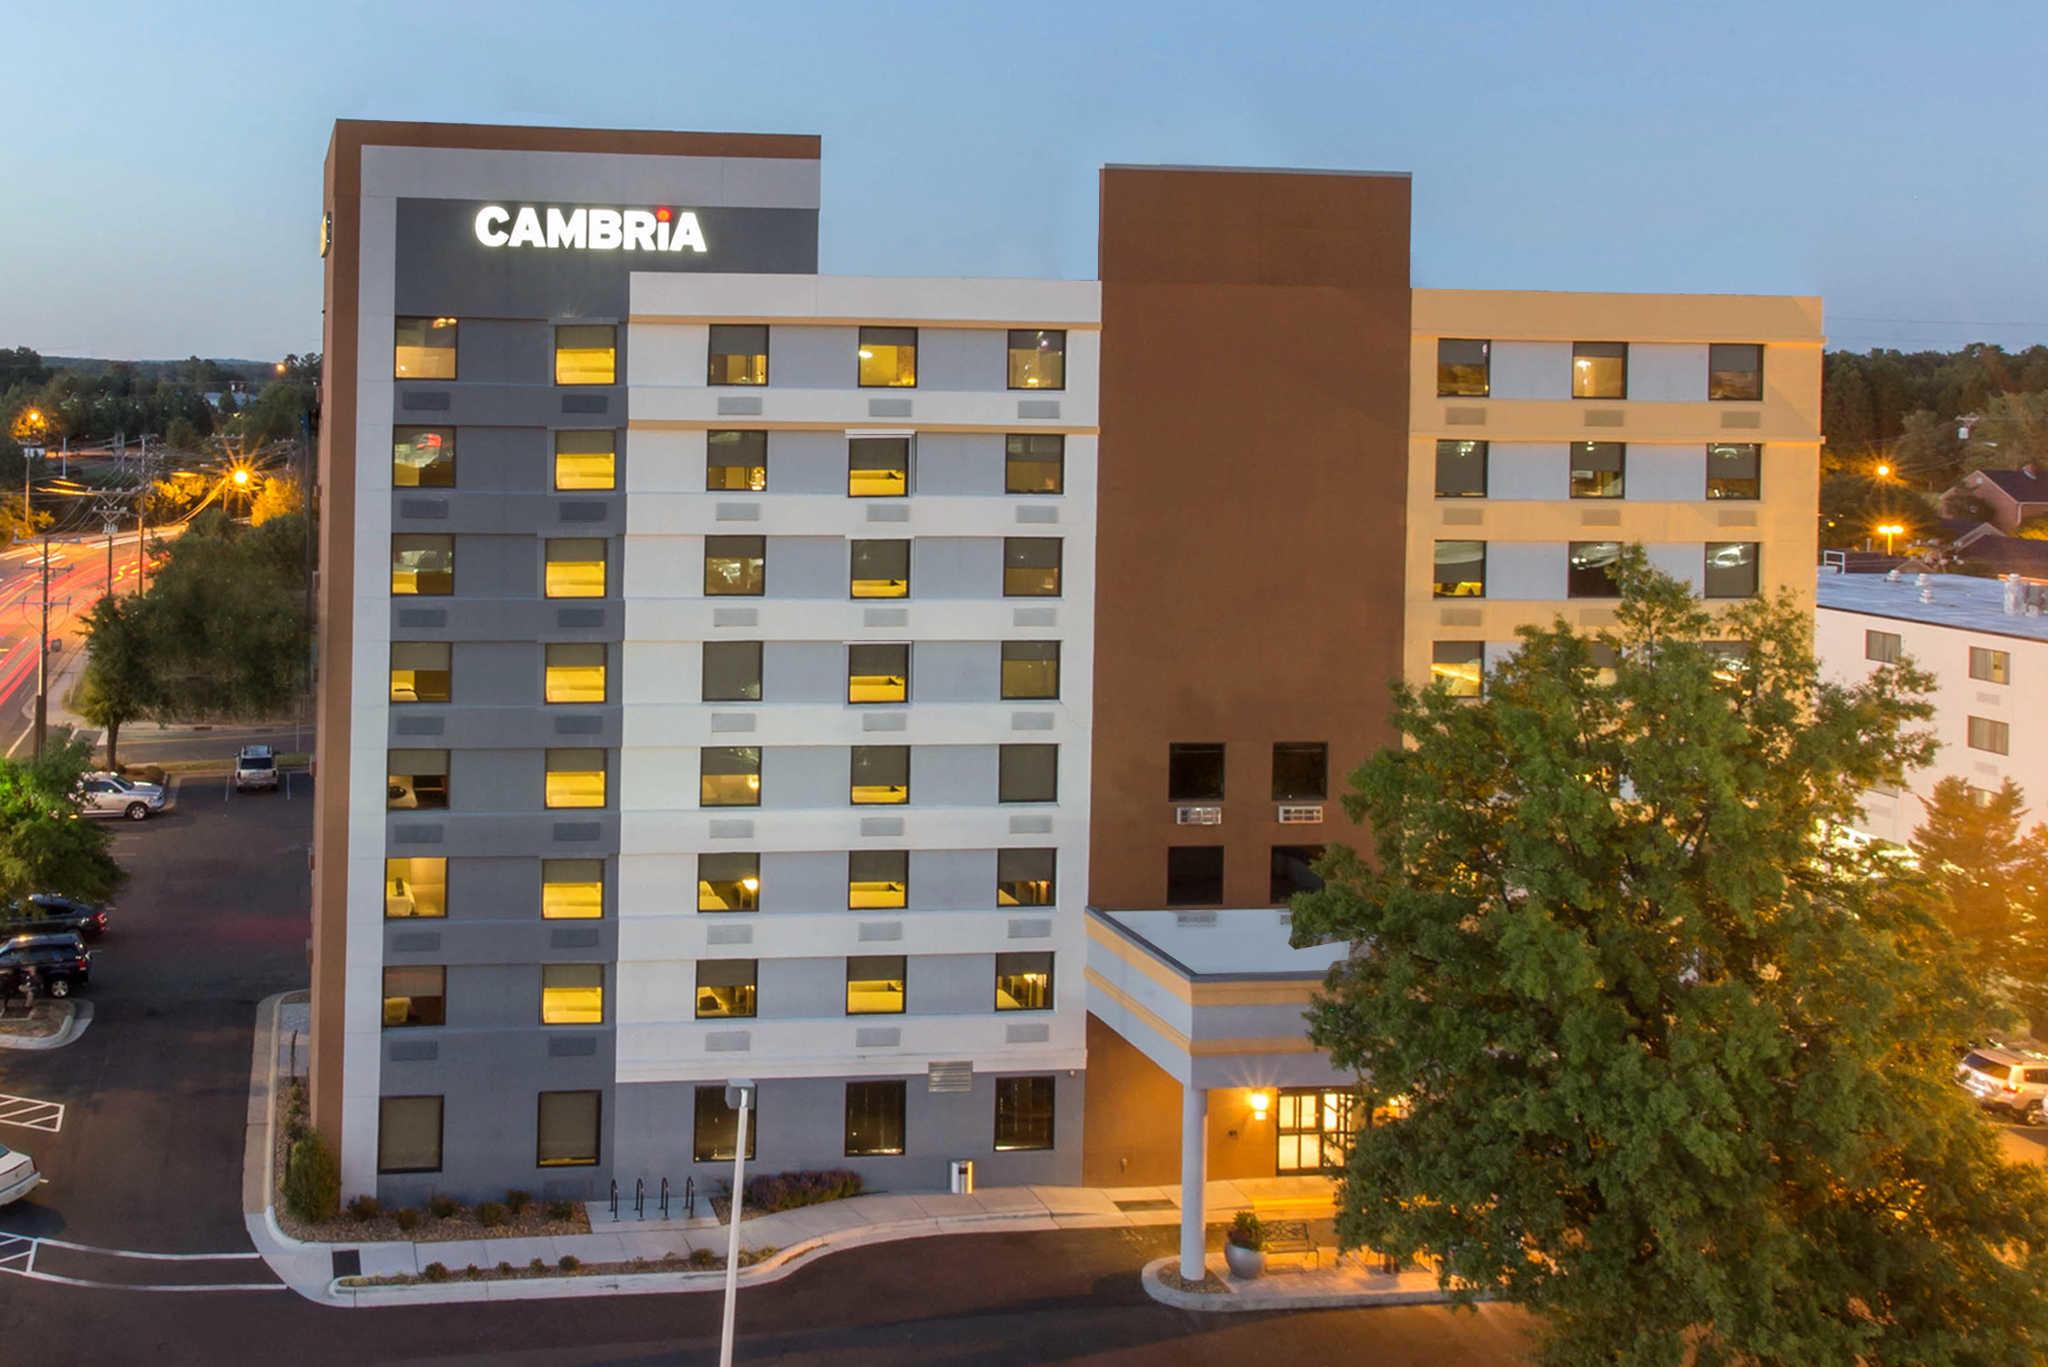 Best Hotels Near Duke University